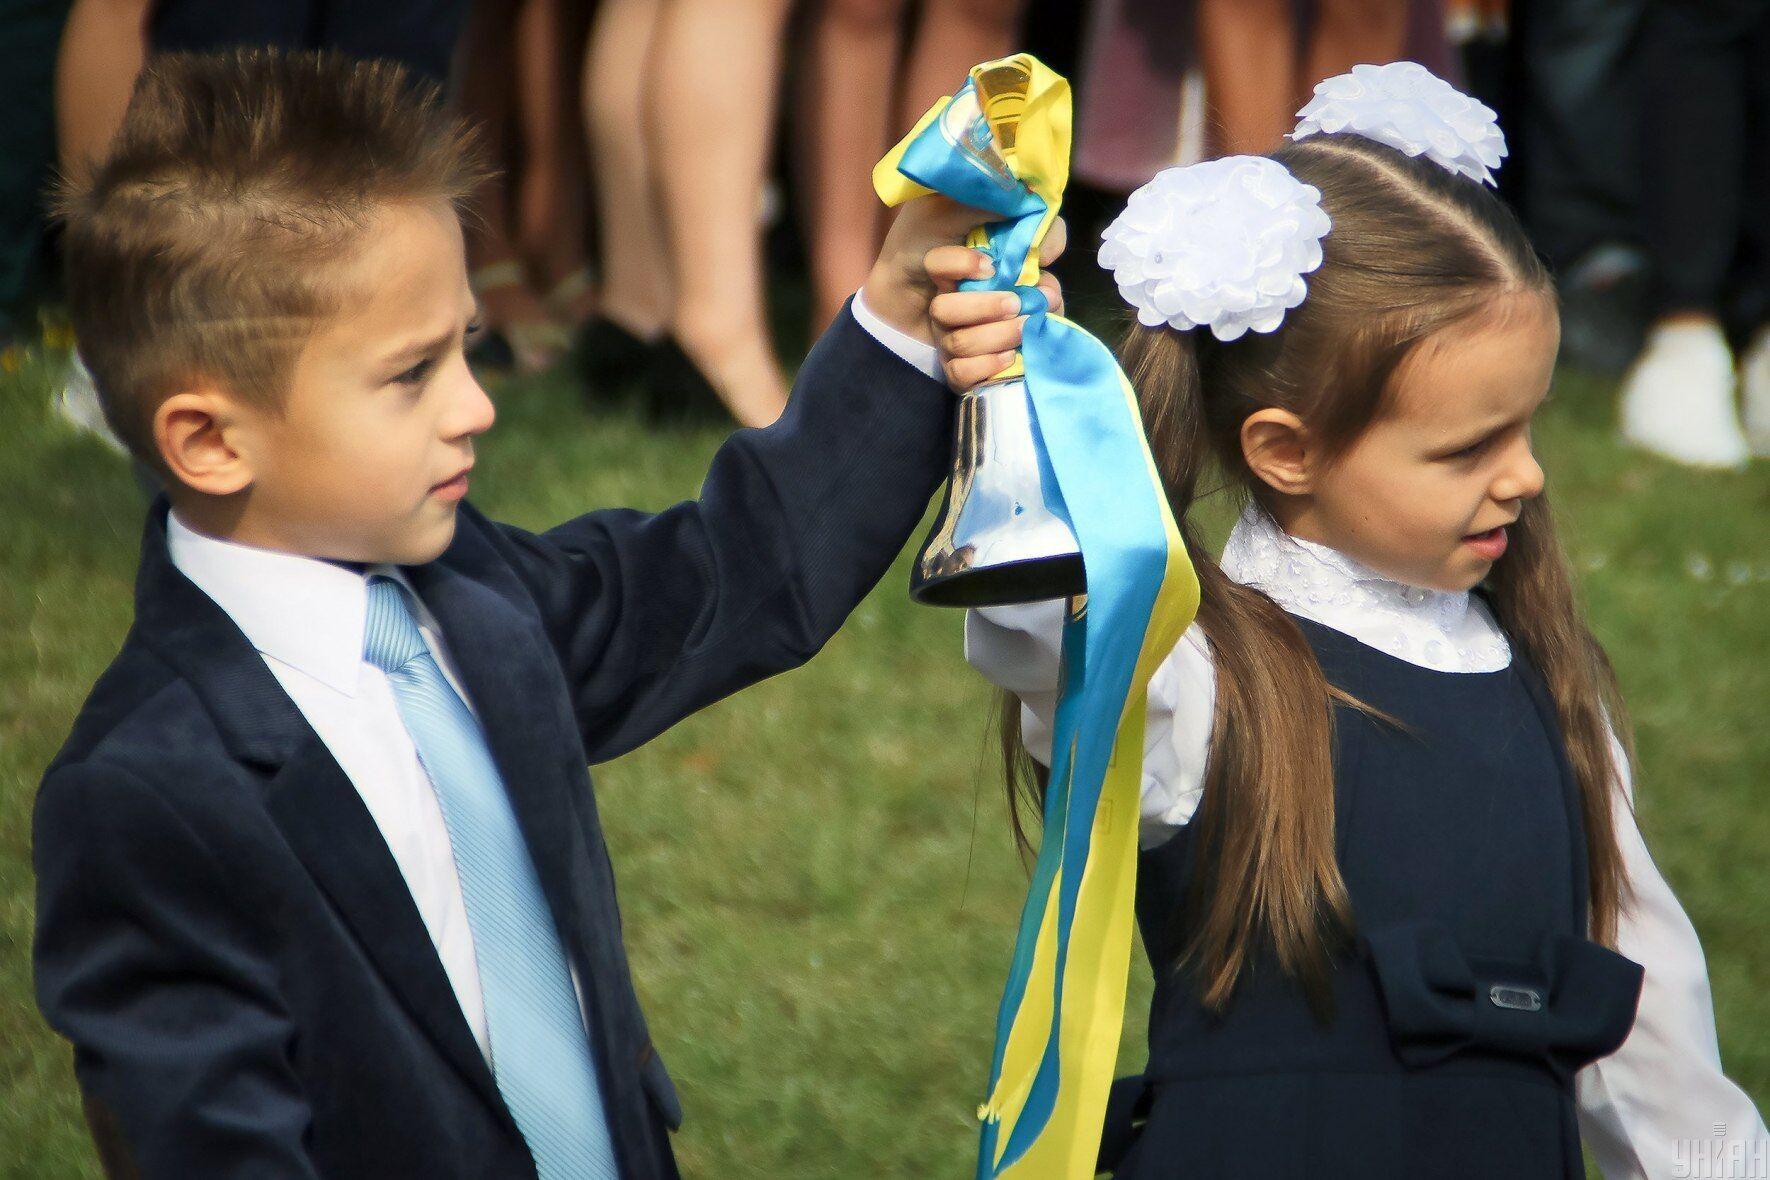 Чтобы ребенок был принят в первый класс, один из родителей должен лично подать руководителю учебного заведения заявление о зачислении до 31 мая